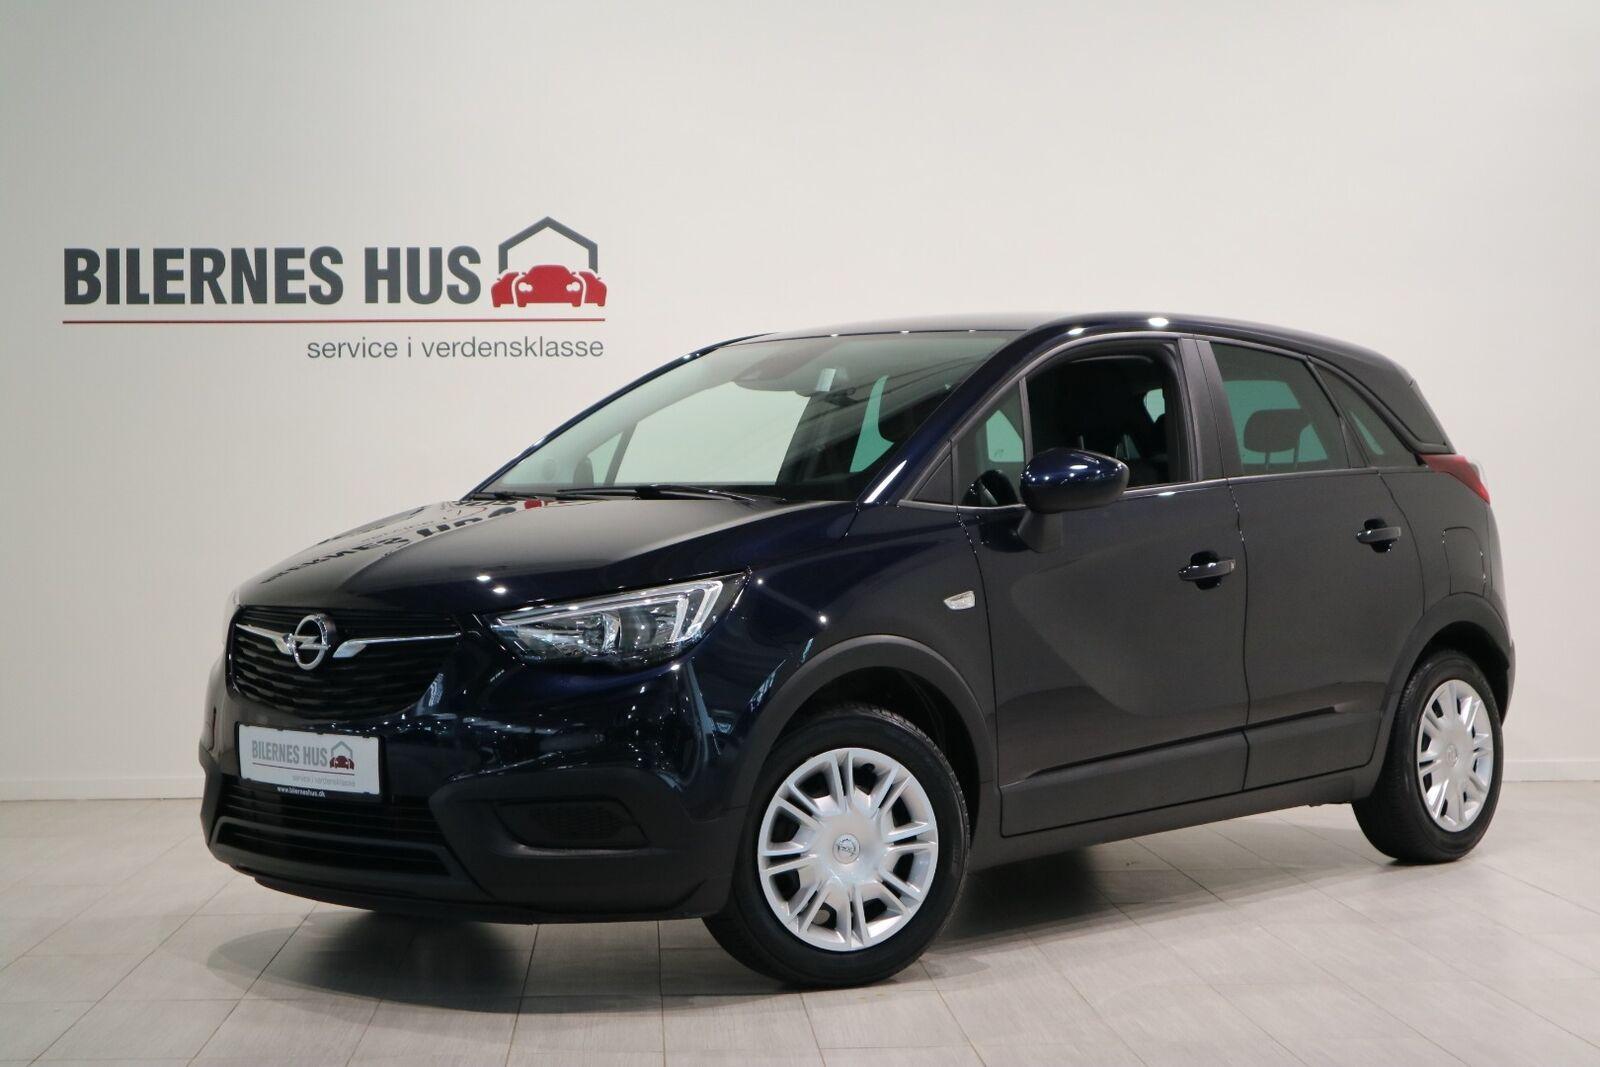 Opel Crossland X Billede 1